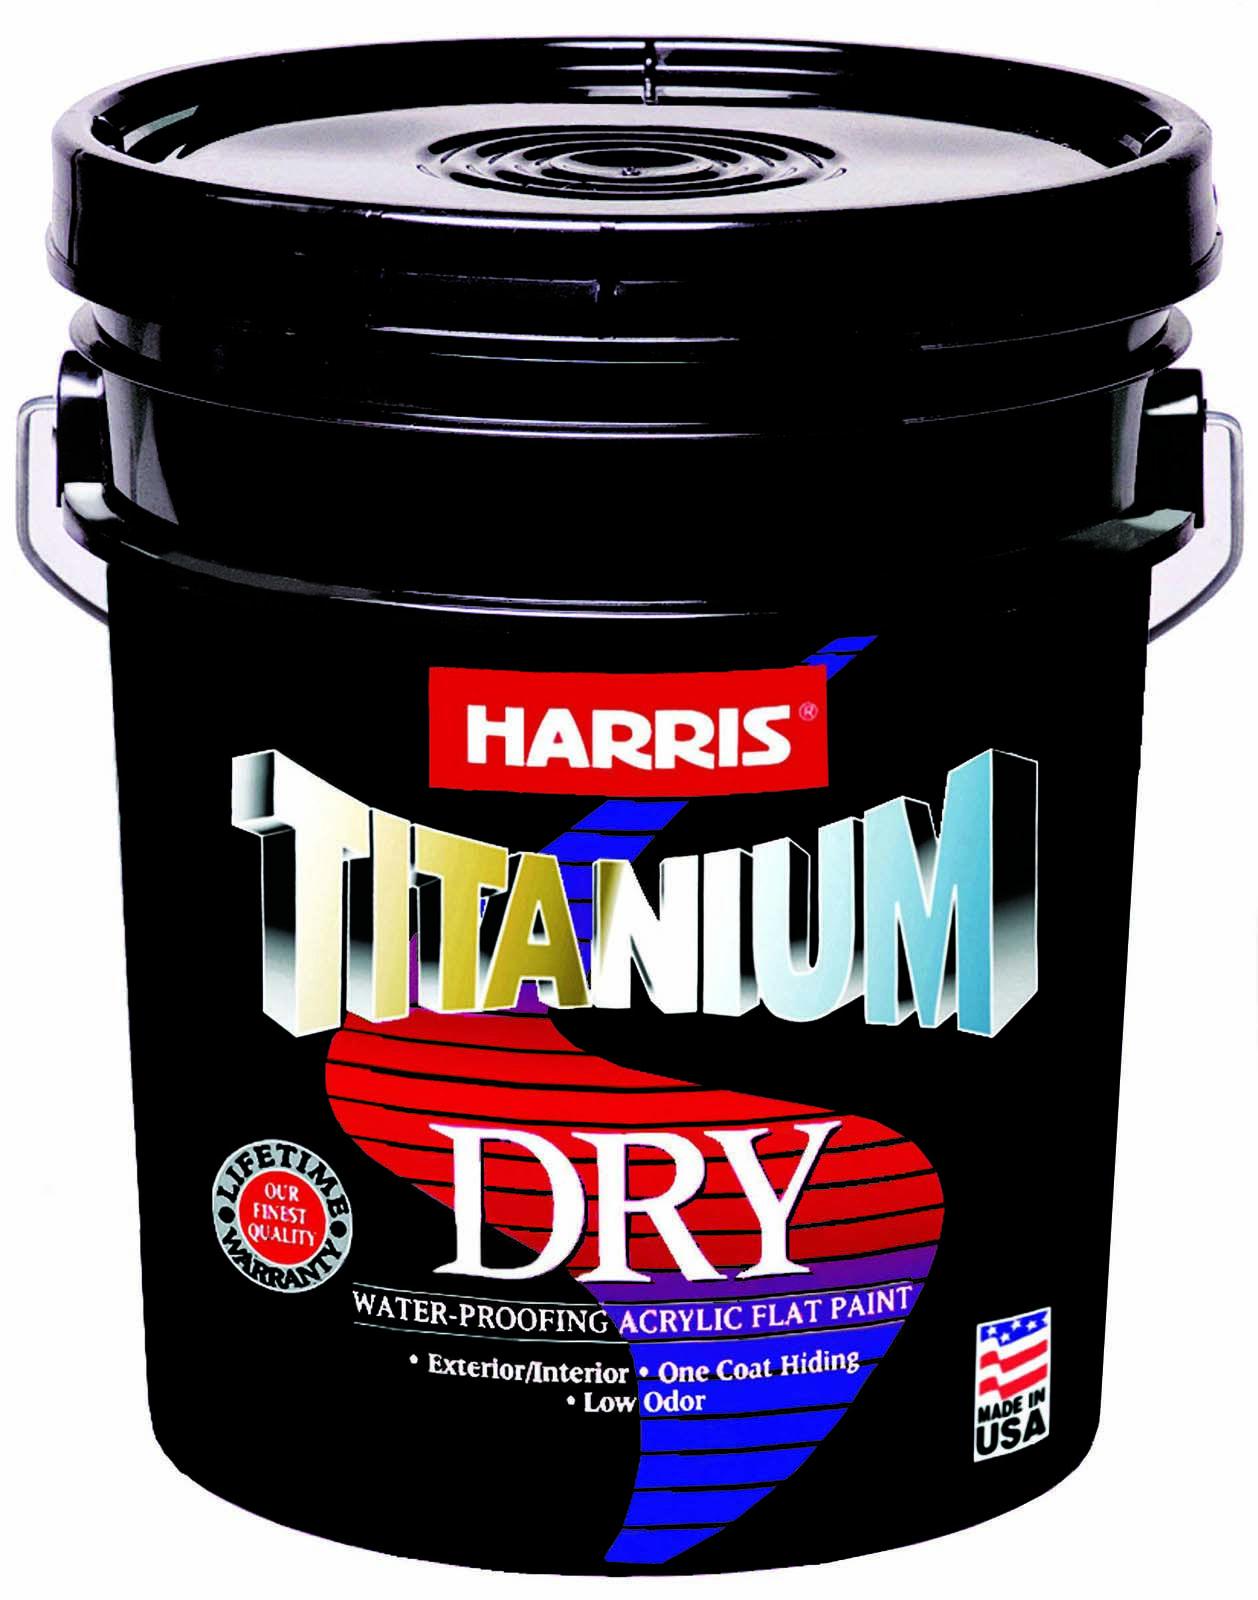 Harris Titanium Dry Pintura Acrilica A Prueba De Agua 3 En 1 Pintura Primer Sellador Roof Sealer Flat Paint Exterior Paint